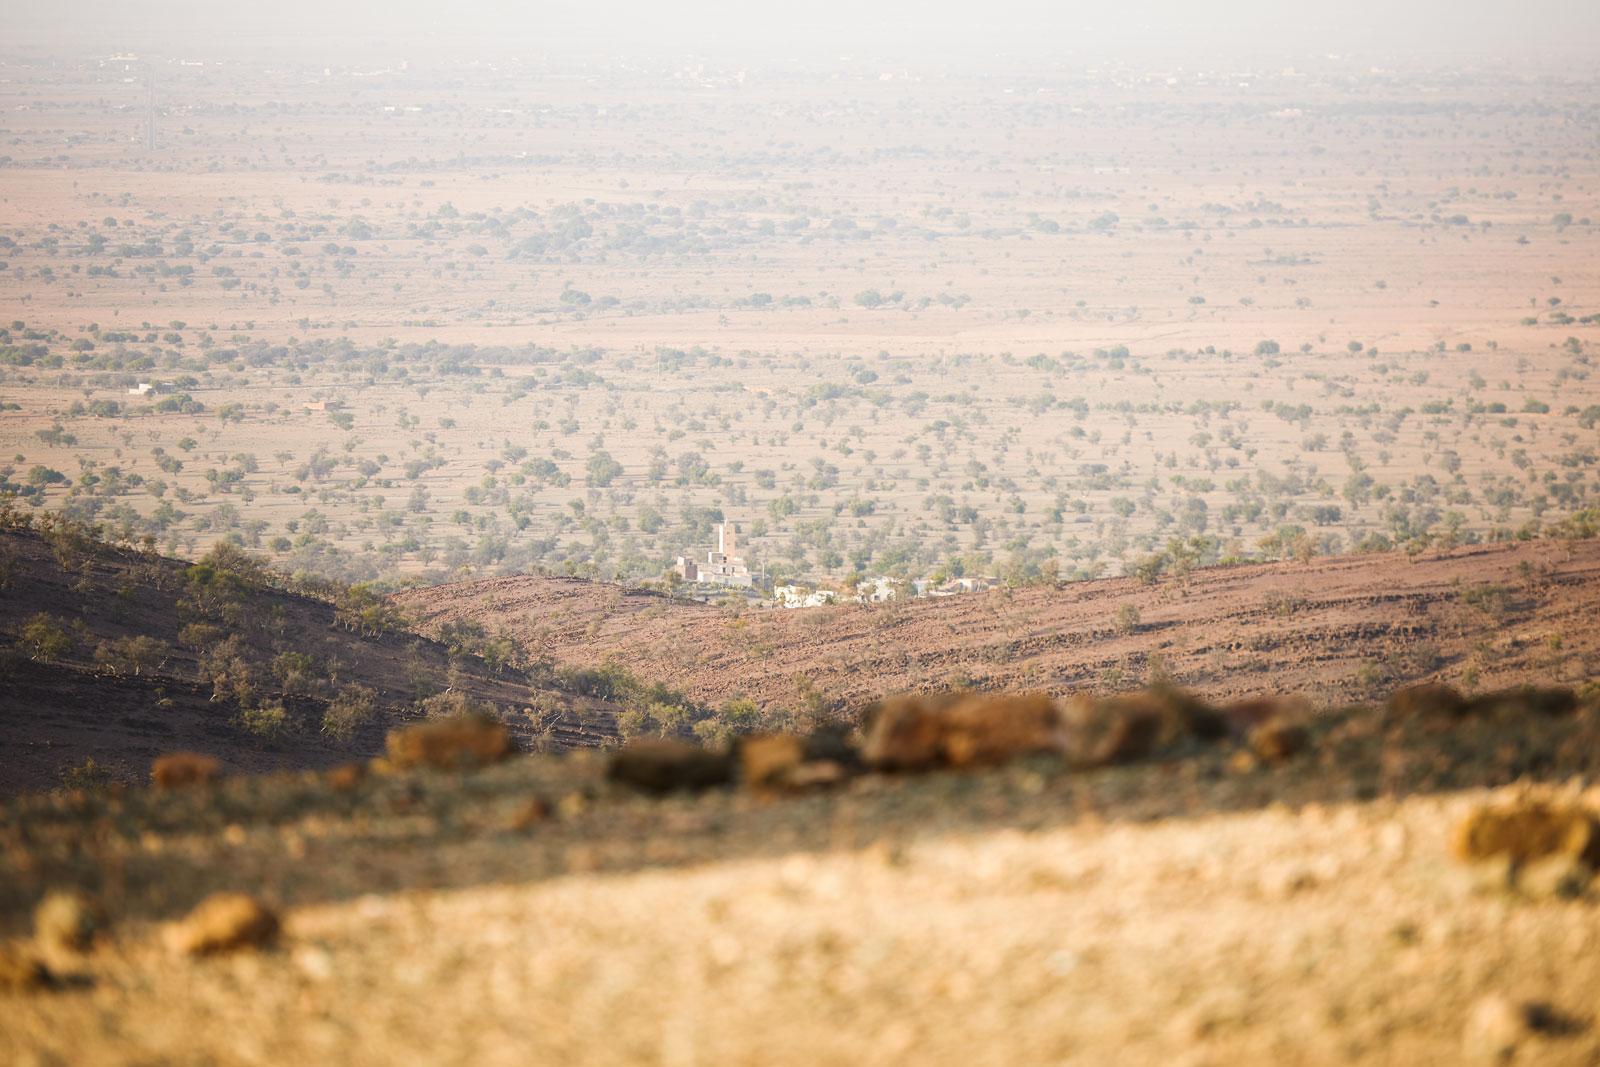 Bild einer in der Ferne liegenden Stadt in den Bergen des Antiatlas Gebirges in Marokko